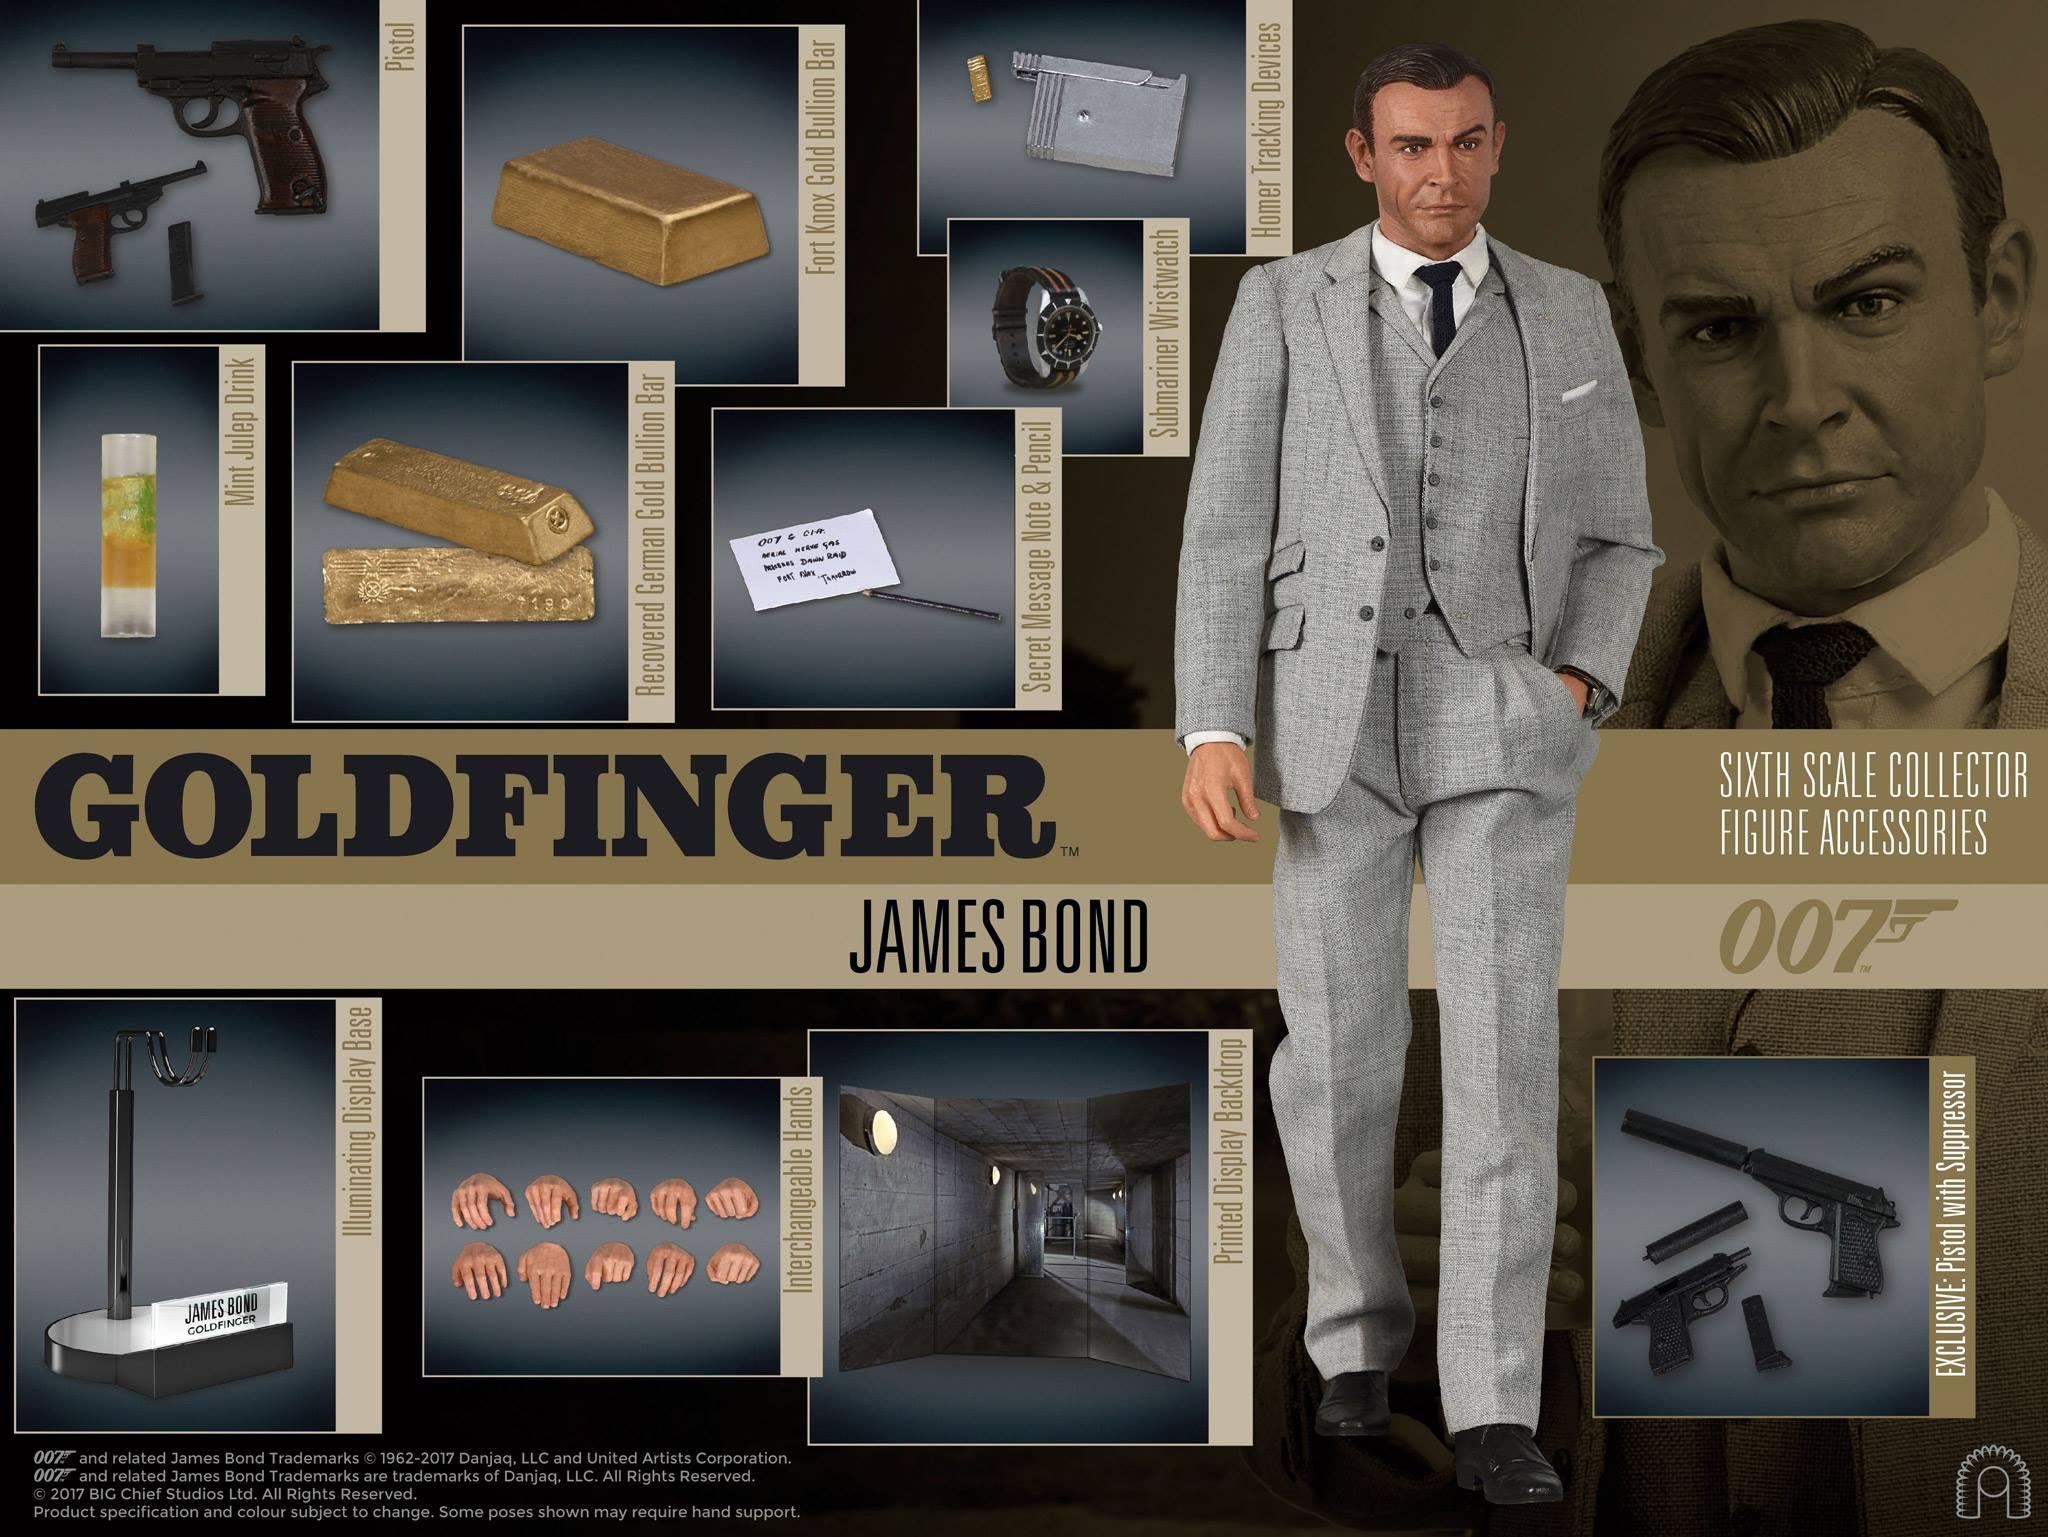 bcs-goldfinger14